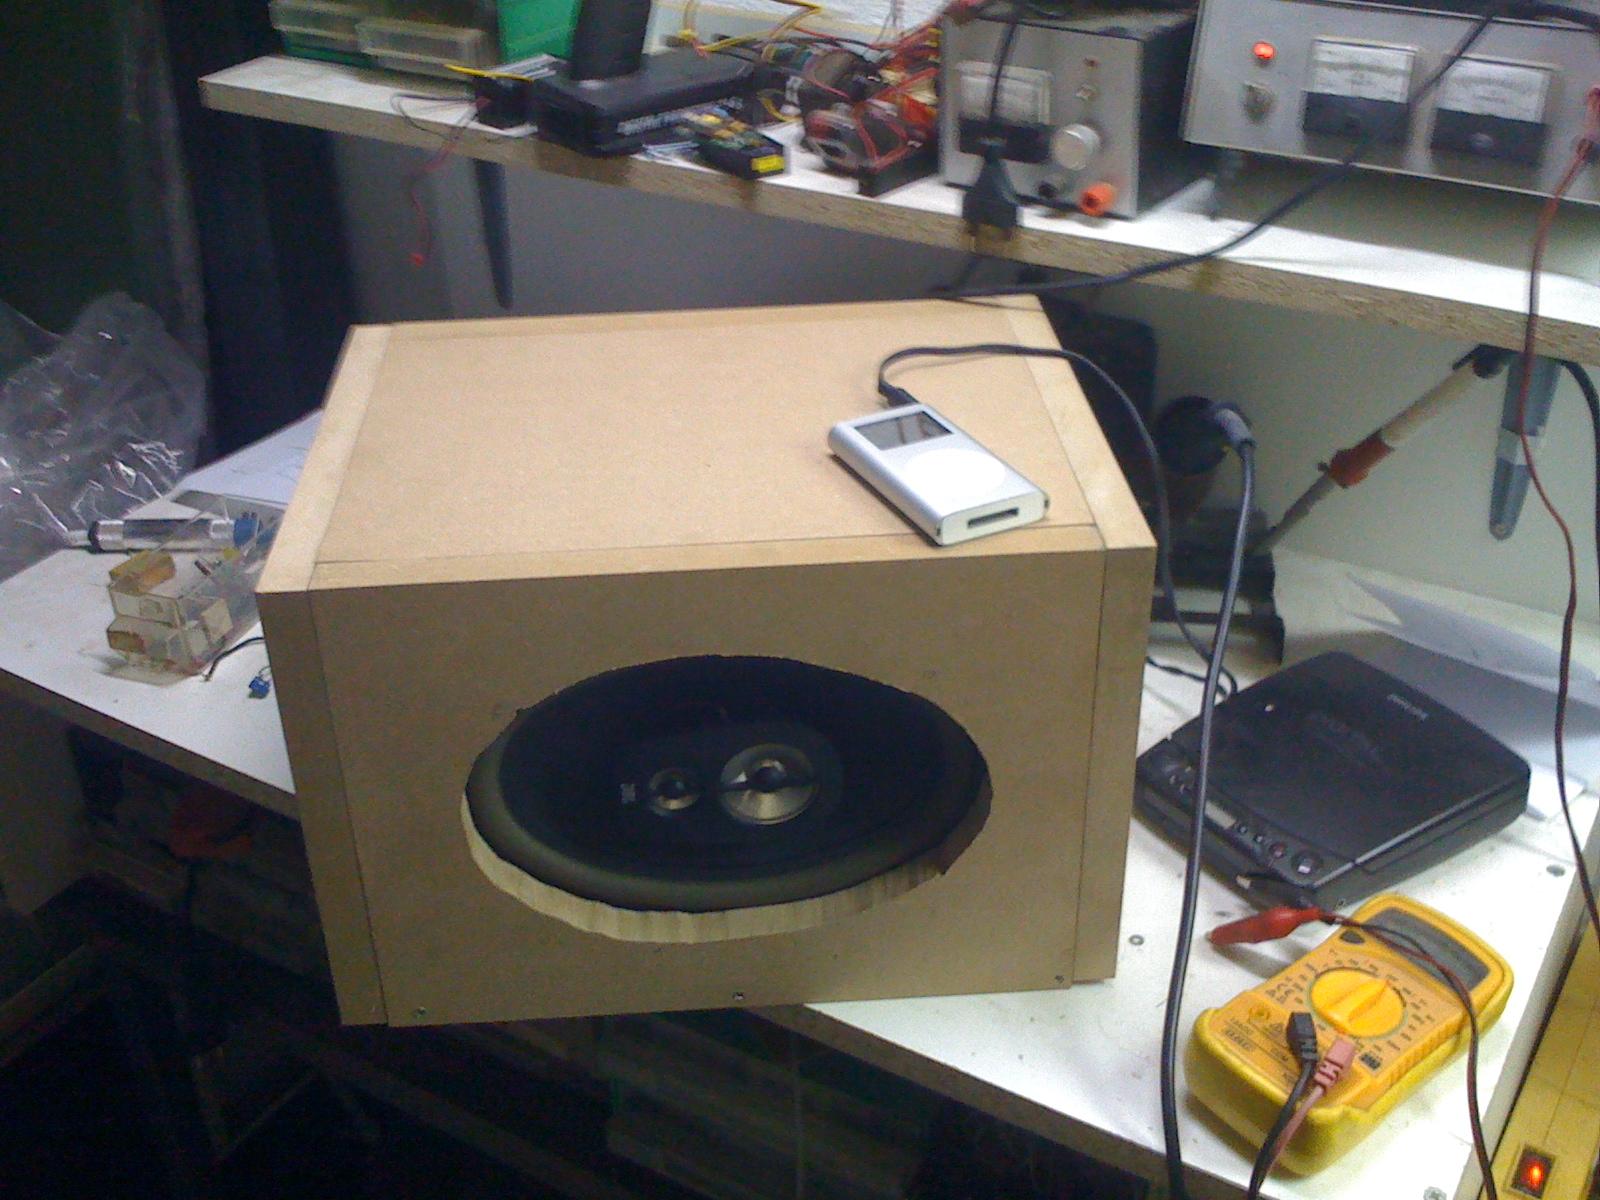 Cassa amplificata a costo zero danilo larizza - Casse audio per casa ...